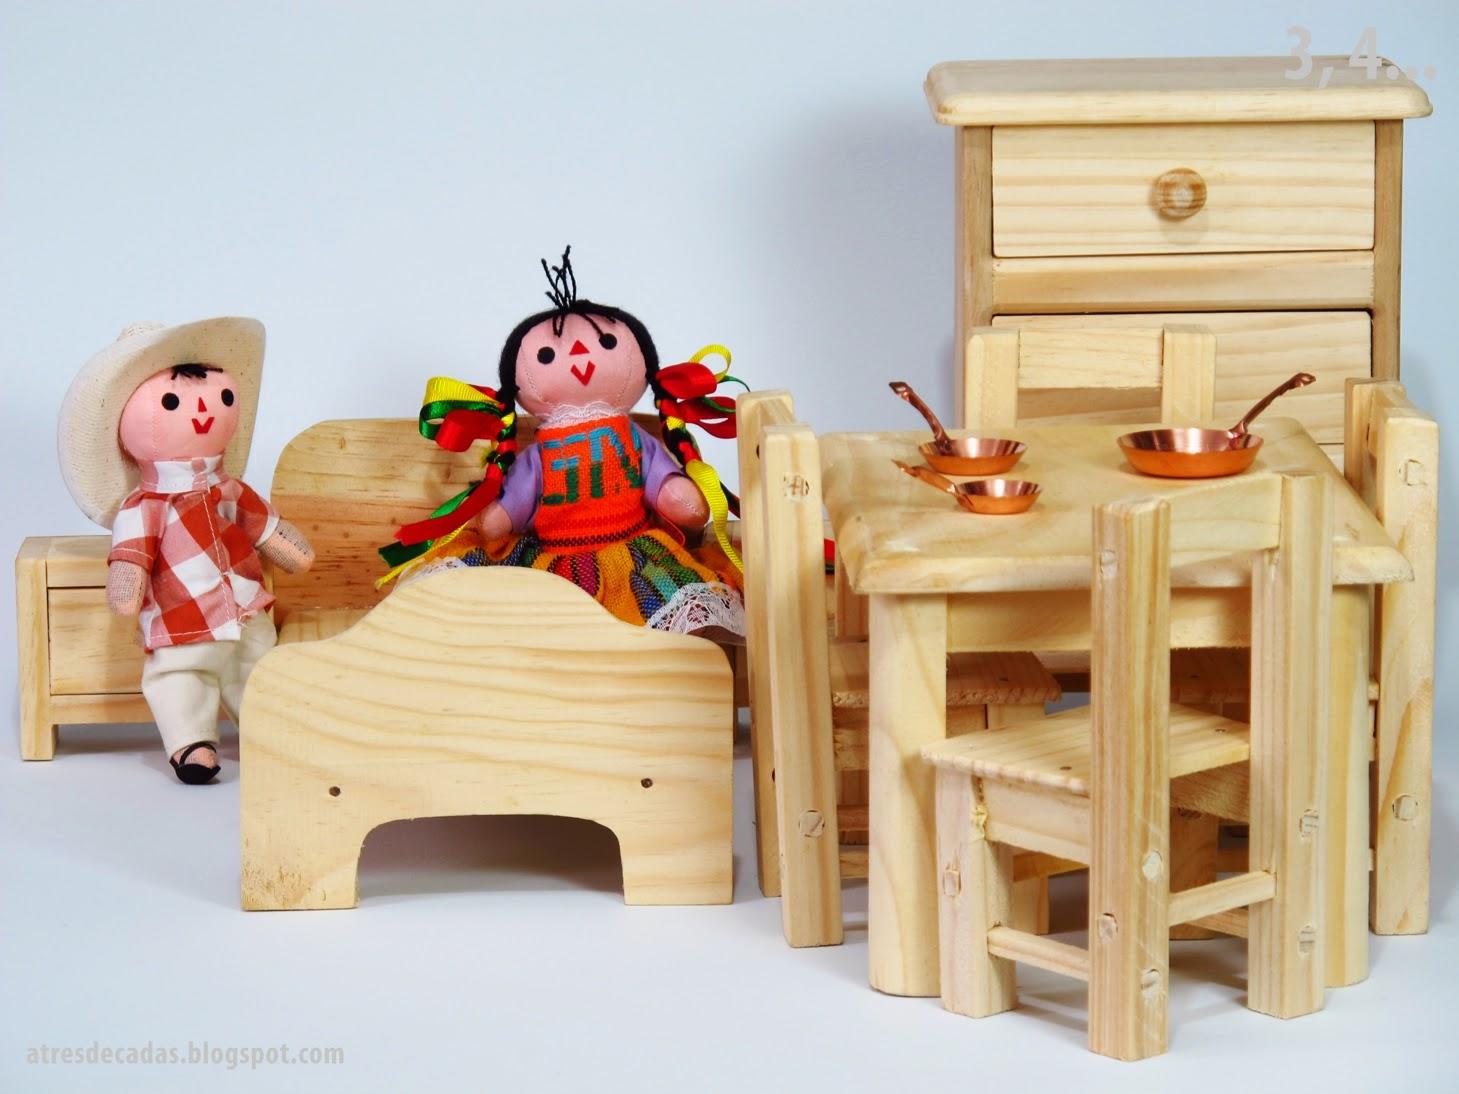 Tressiete febrero 2015 - La casa de madera muebles ...